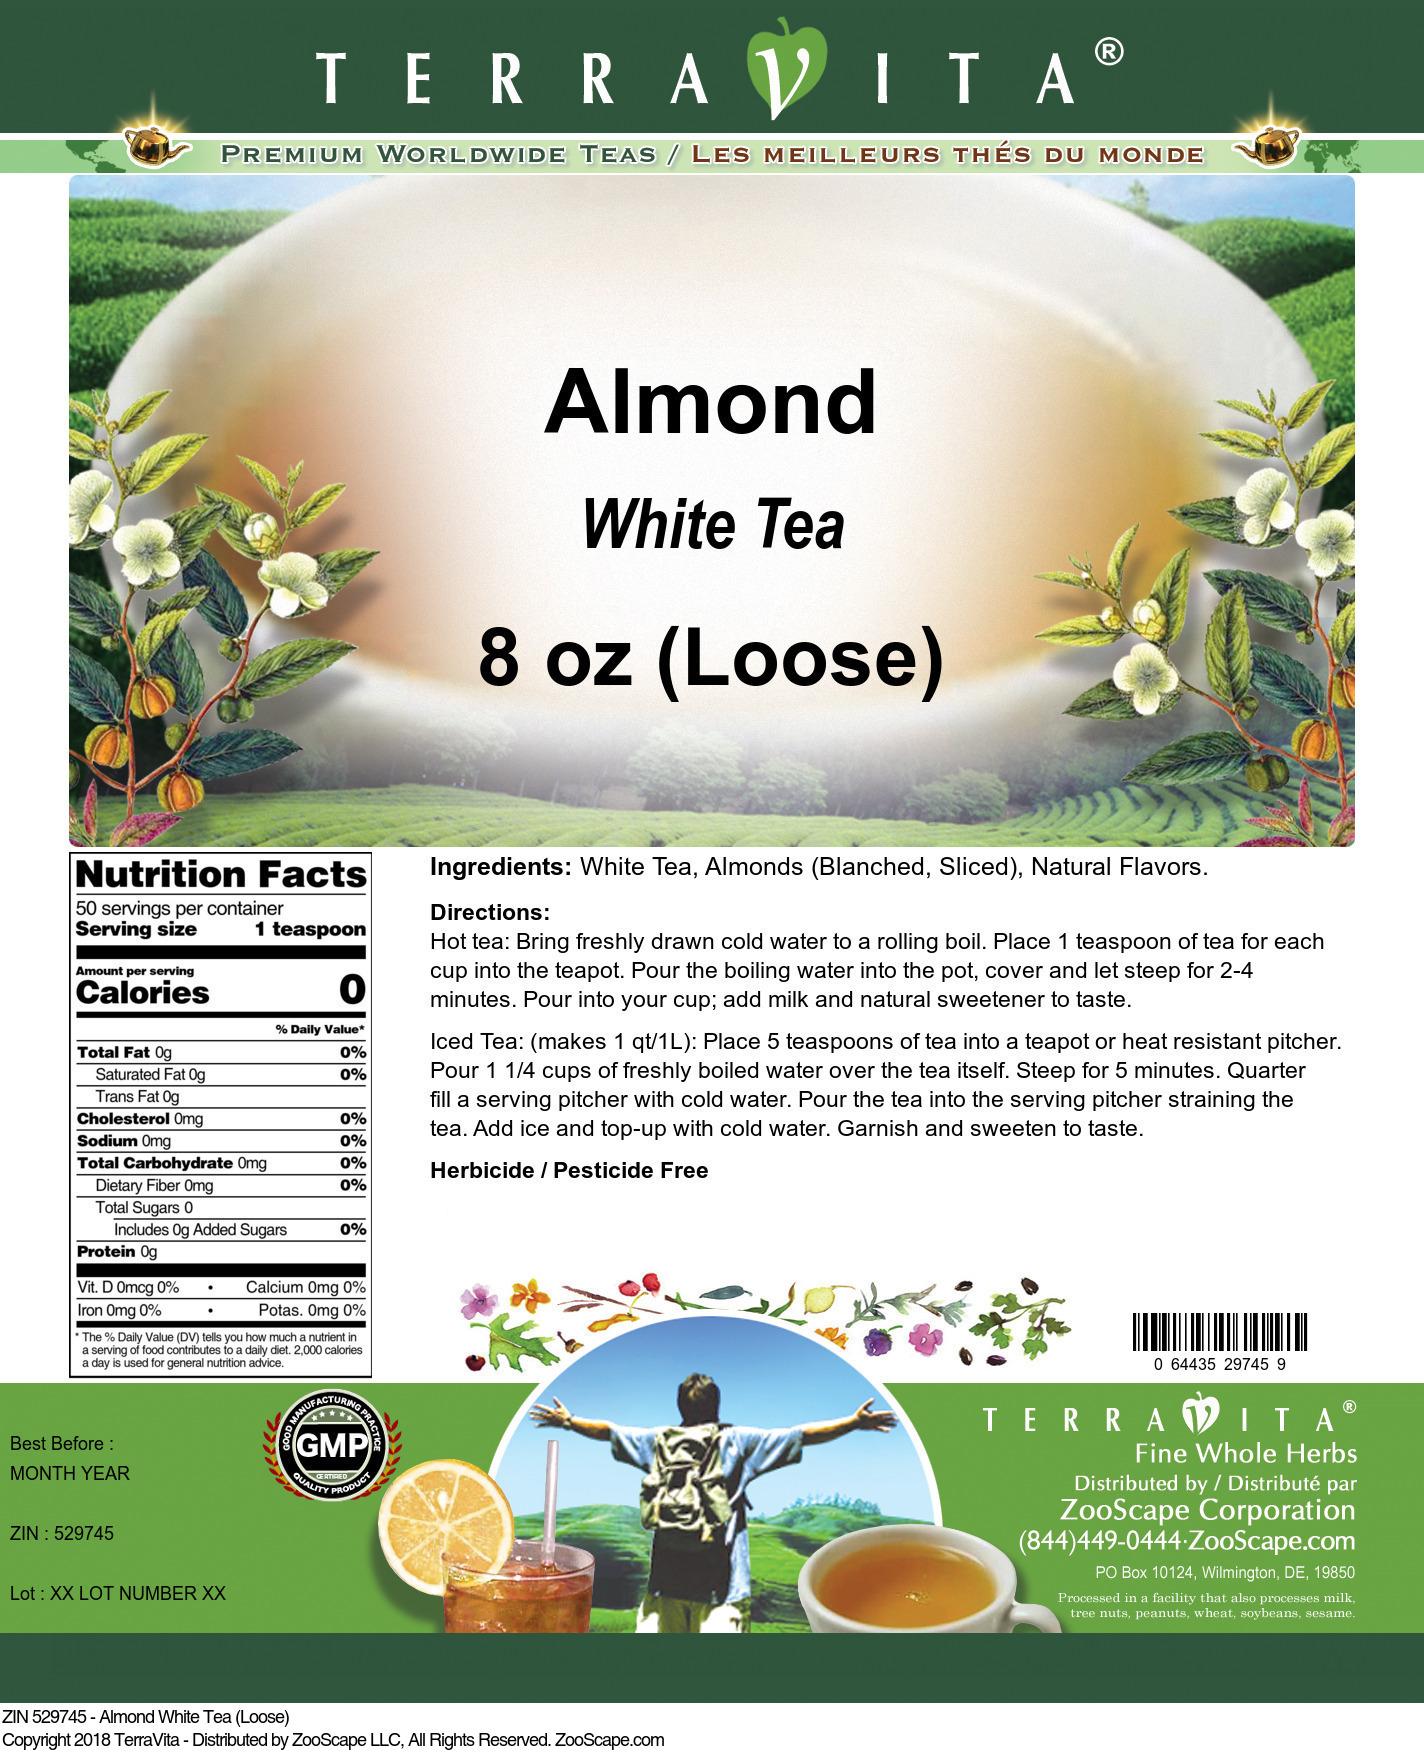 Almond White Tea (Loose)